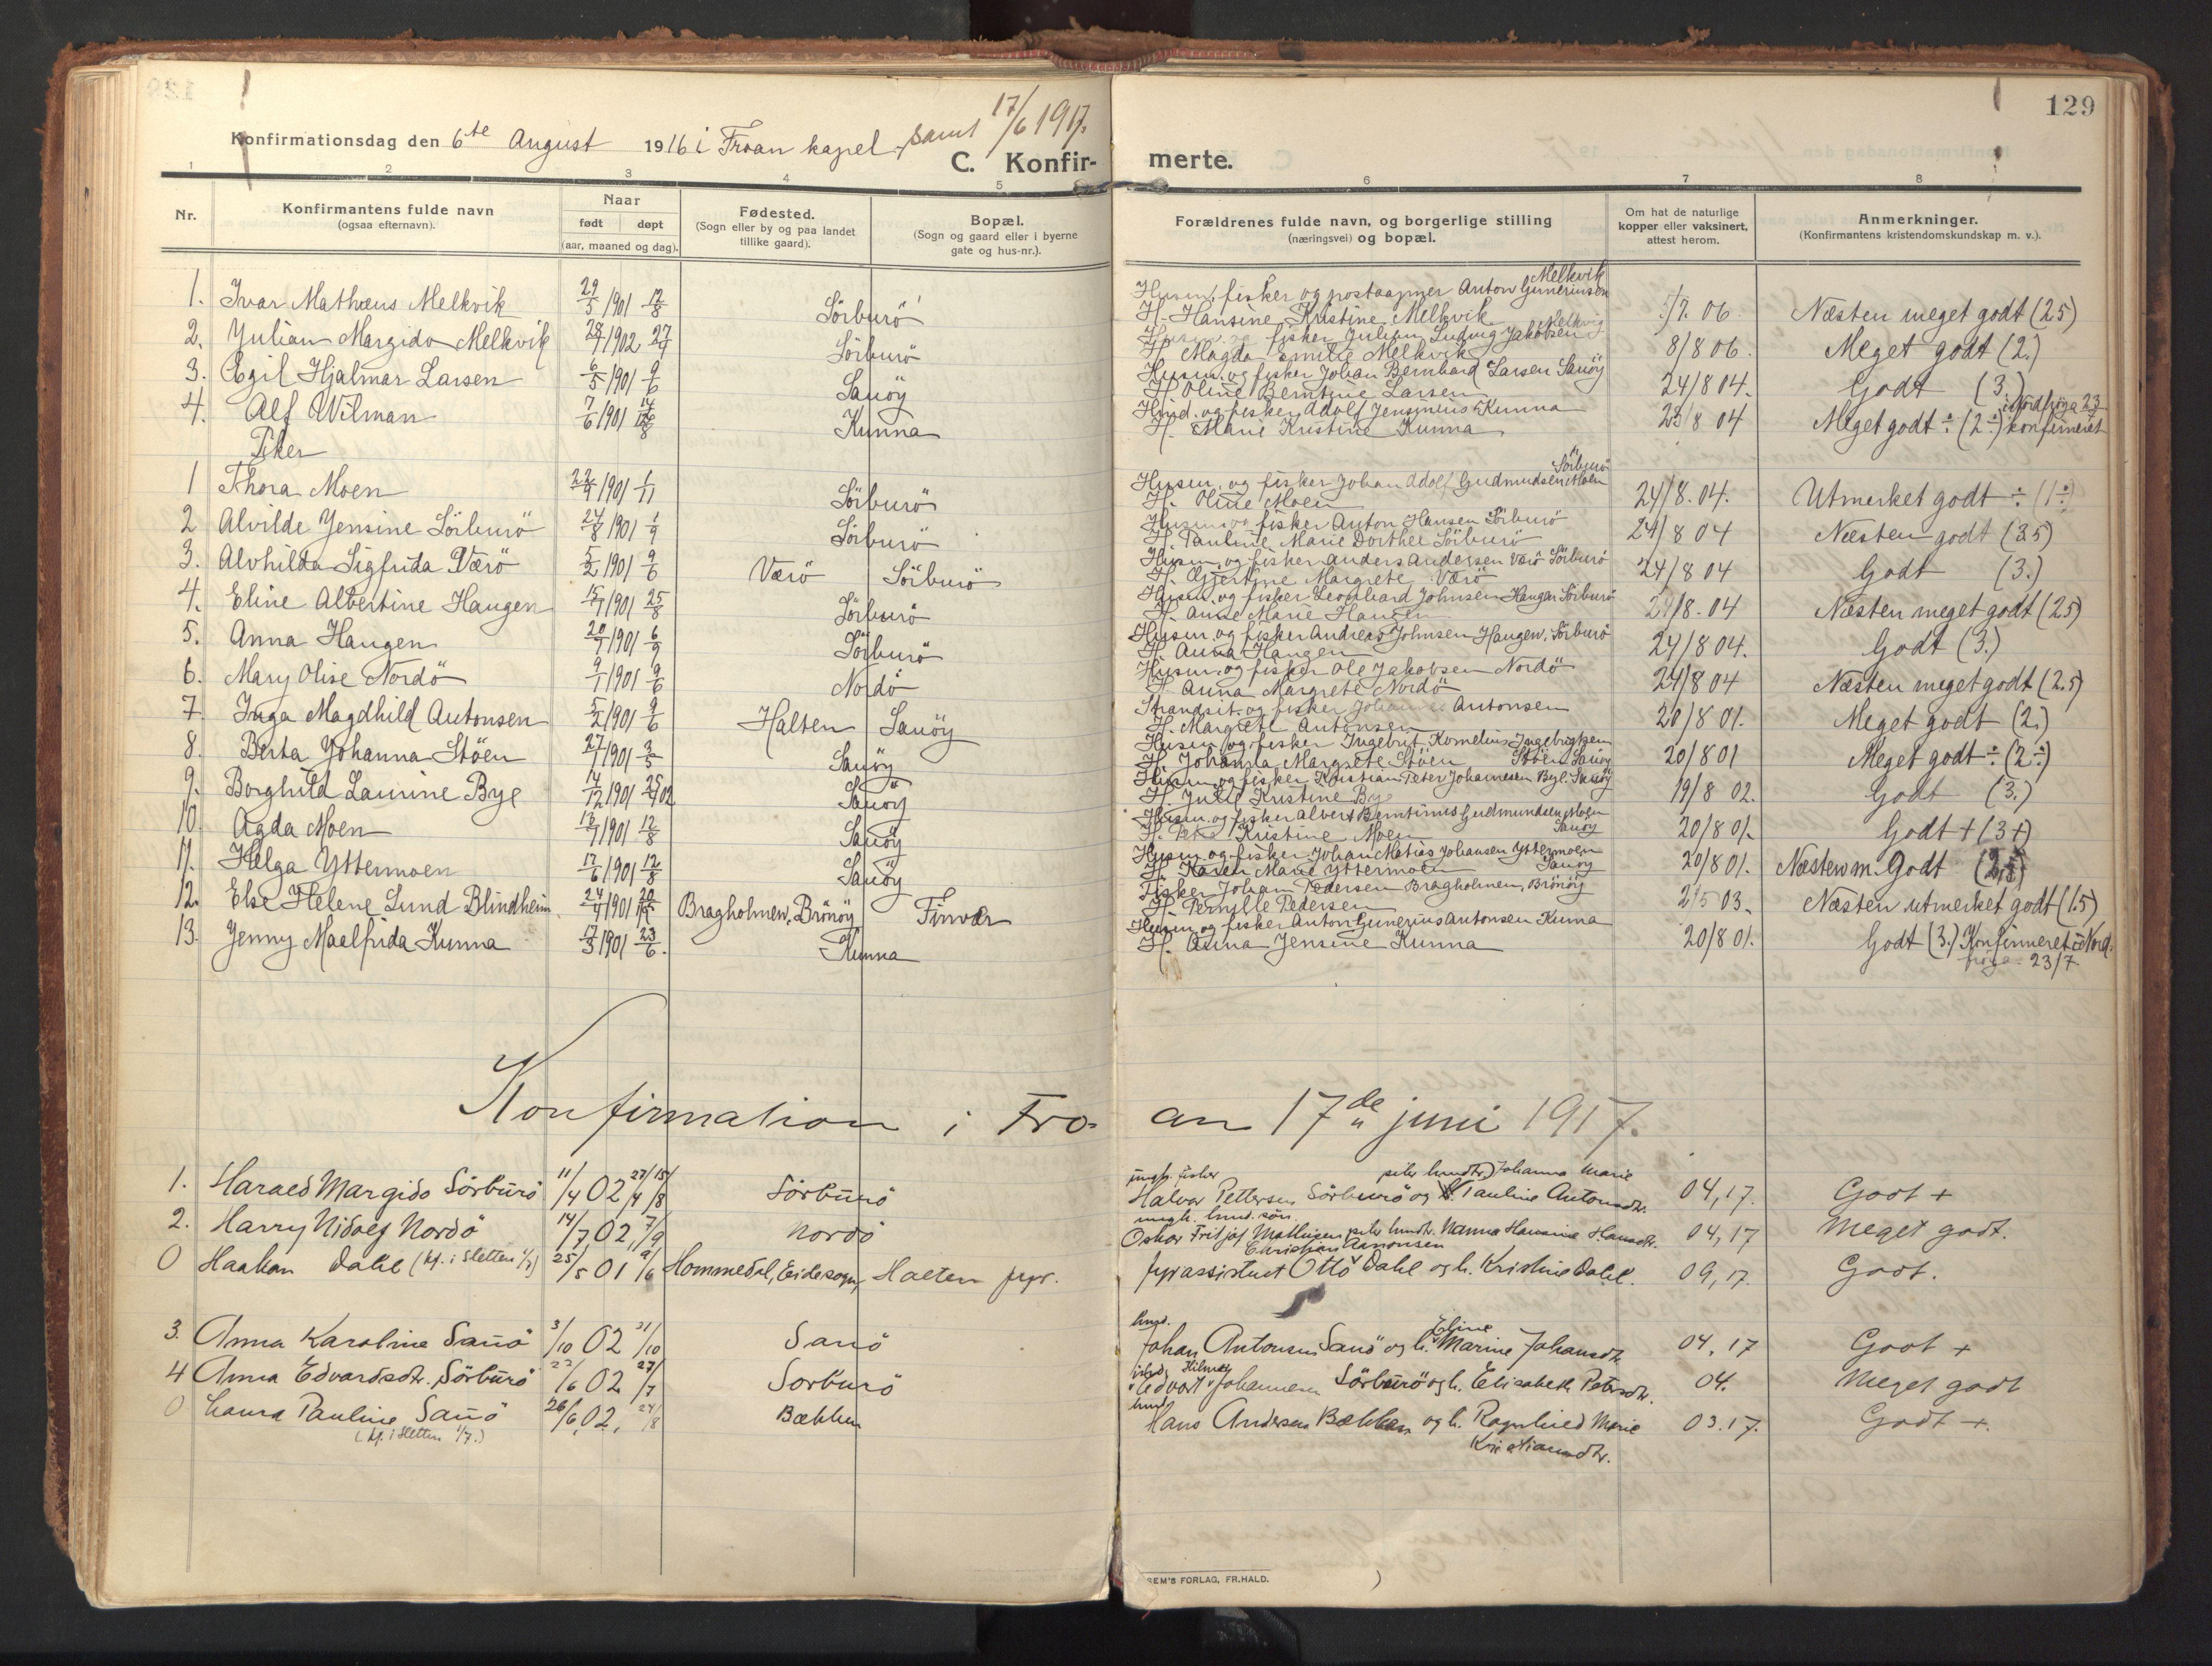 SAT, Ministerialprotokoller, klokkerbøker og fødselsregistre - Sør-Trøndelag, 640/L0581: Ministerialbok nr. 640A06, 1910-1924, s. 129